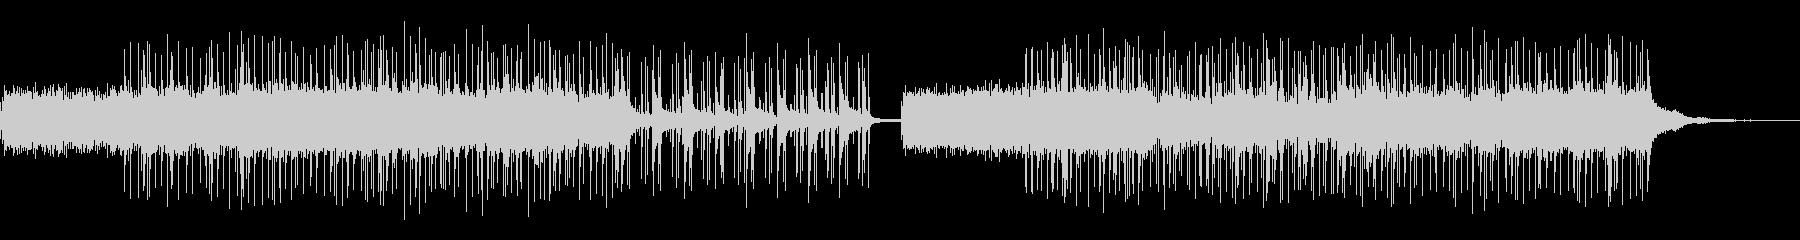 ジャズBGMの未再生の波形